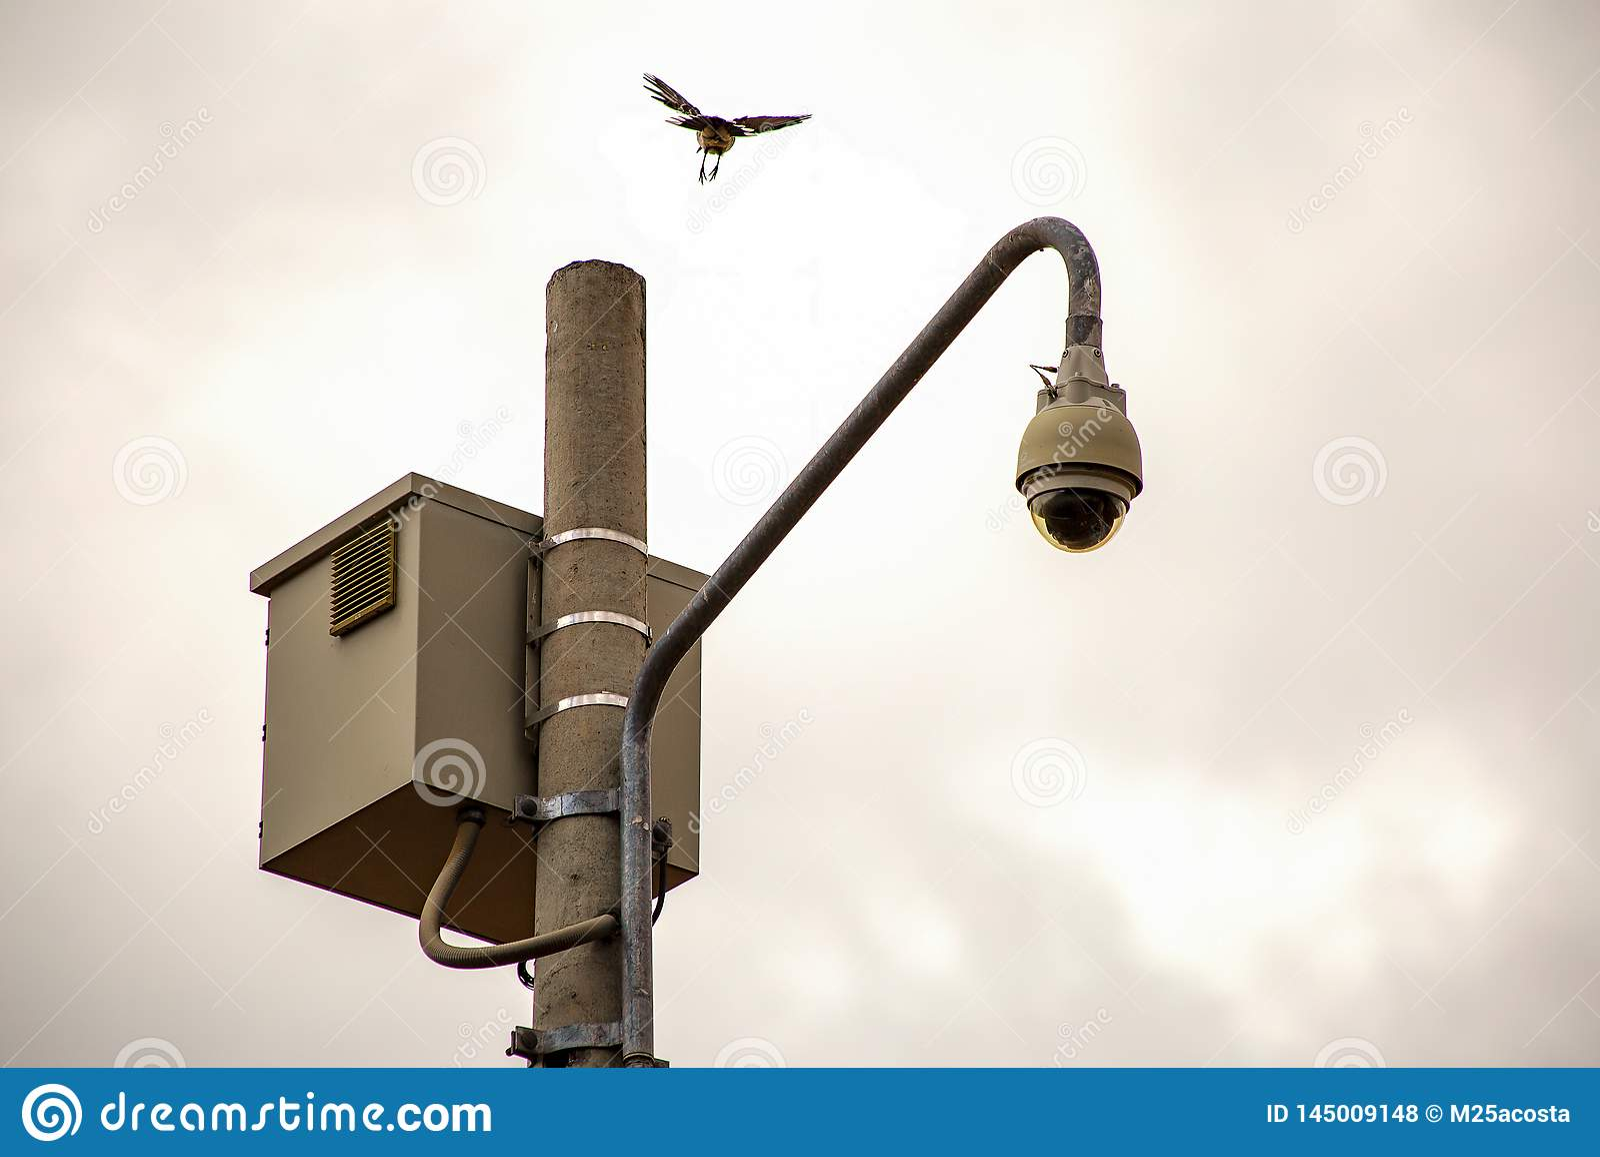 En fågel nära som ska landas på en stolpe med en säkerhetskamera